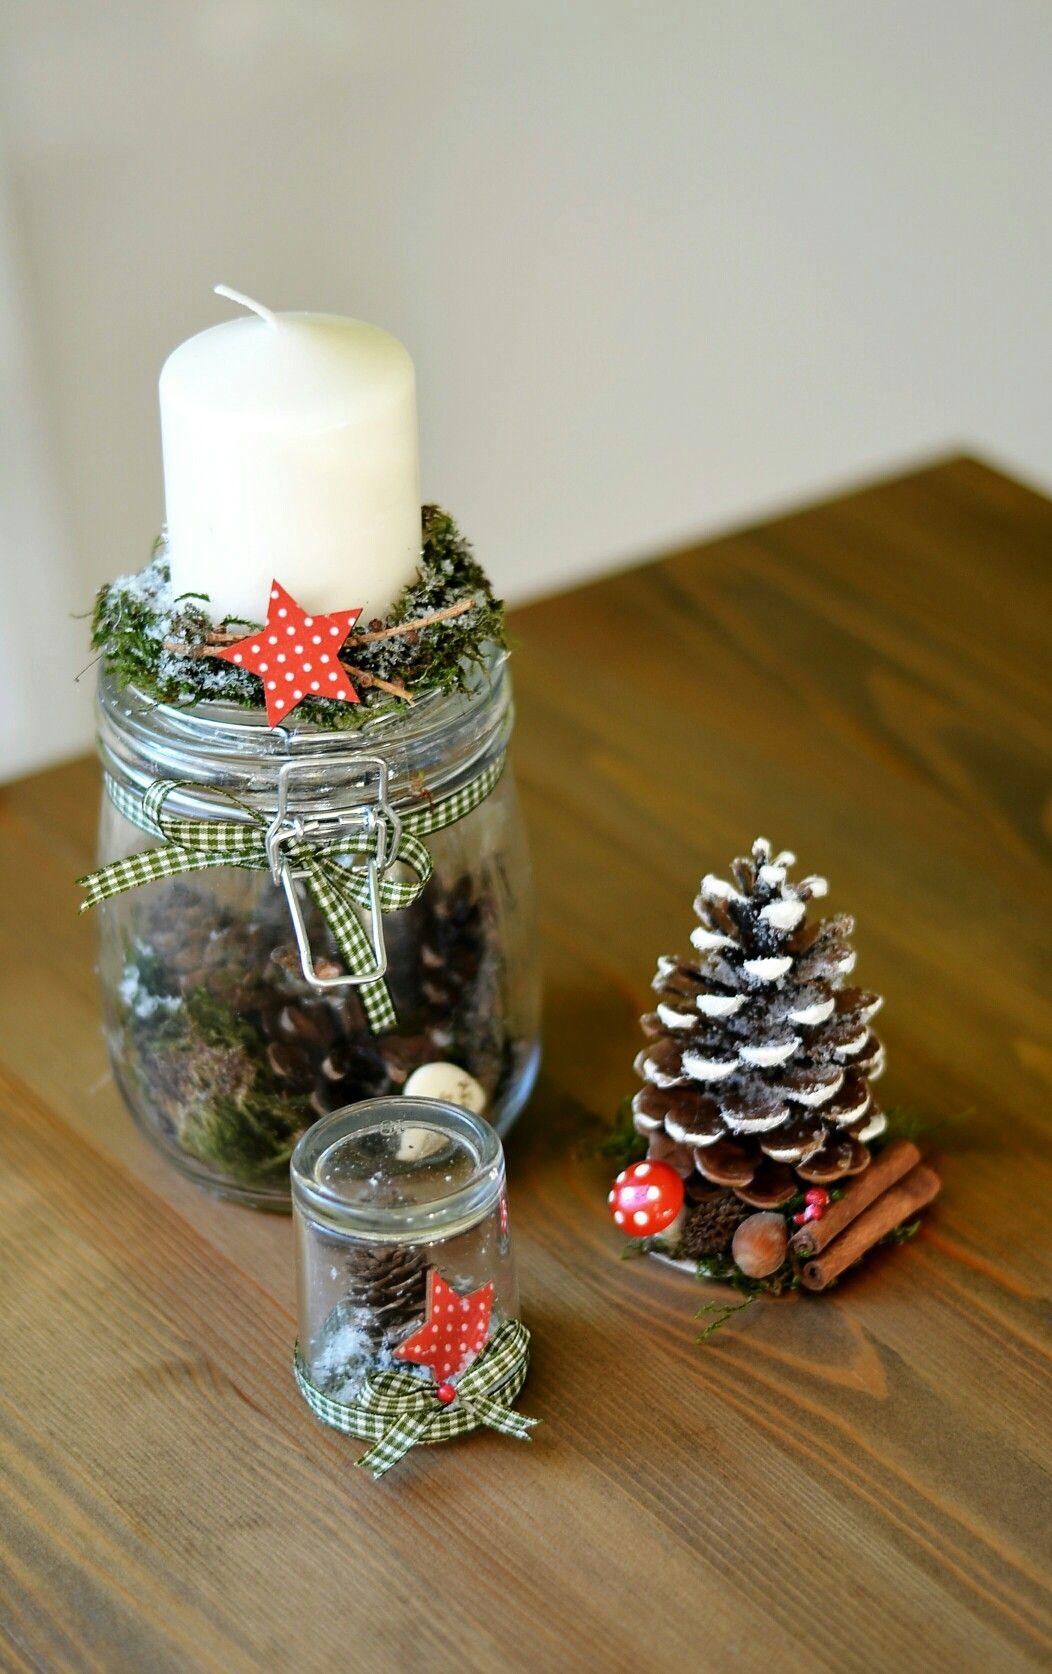 Weihnachten | Deko Weihnachten | Weihnachten im Glas #weihnachtsdekoglas